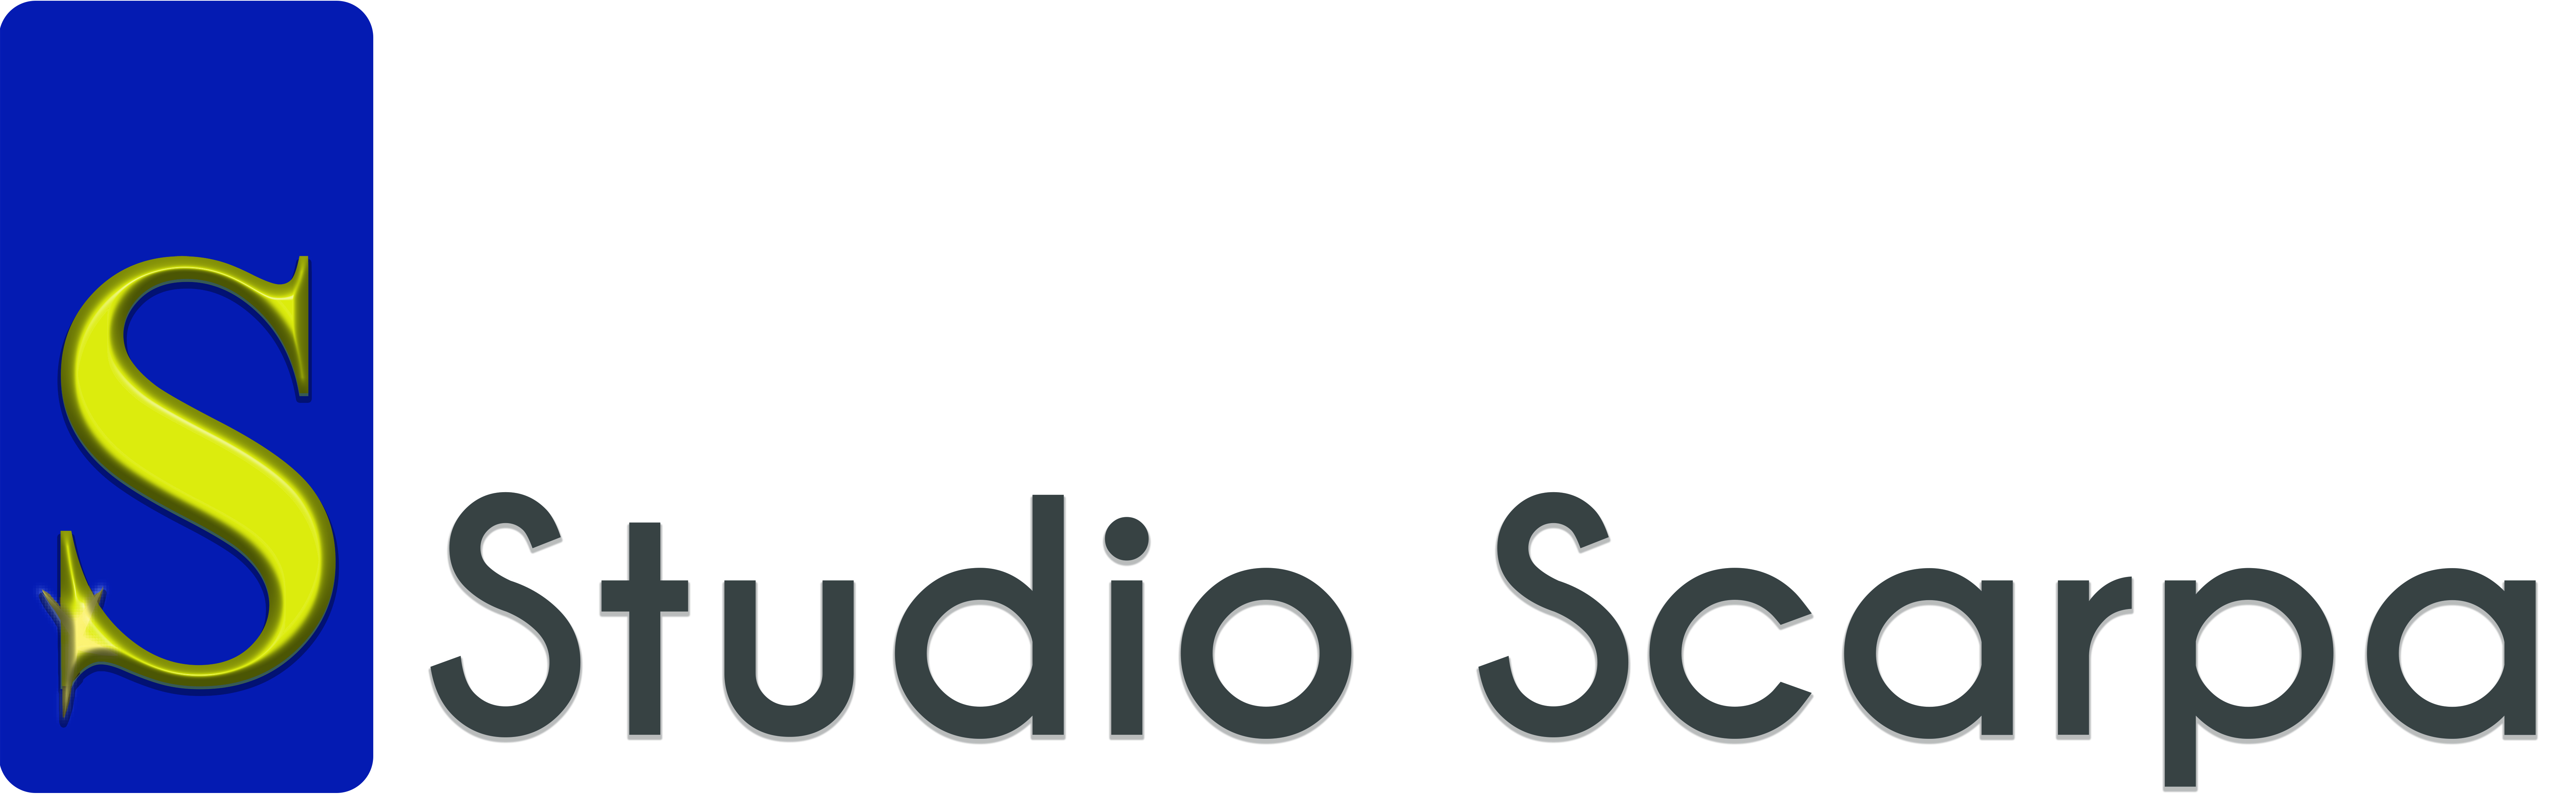 StudioScarpa